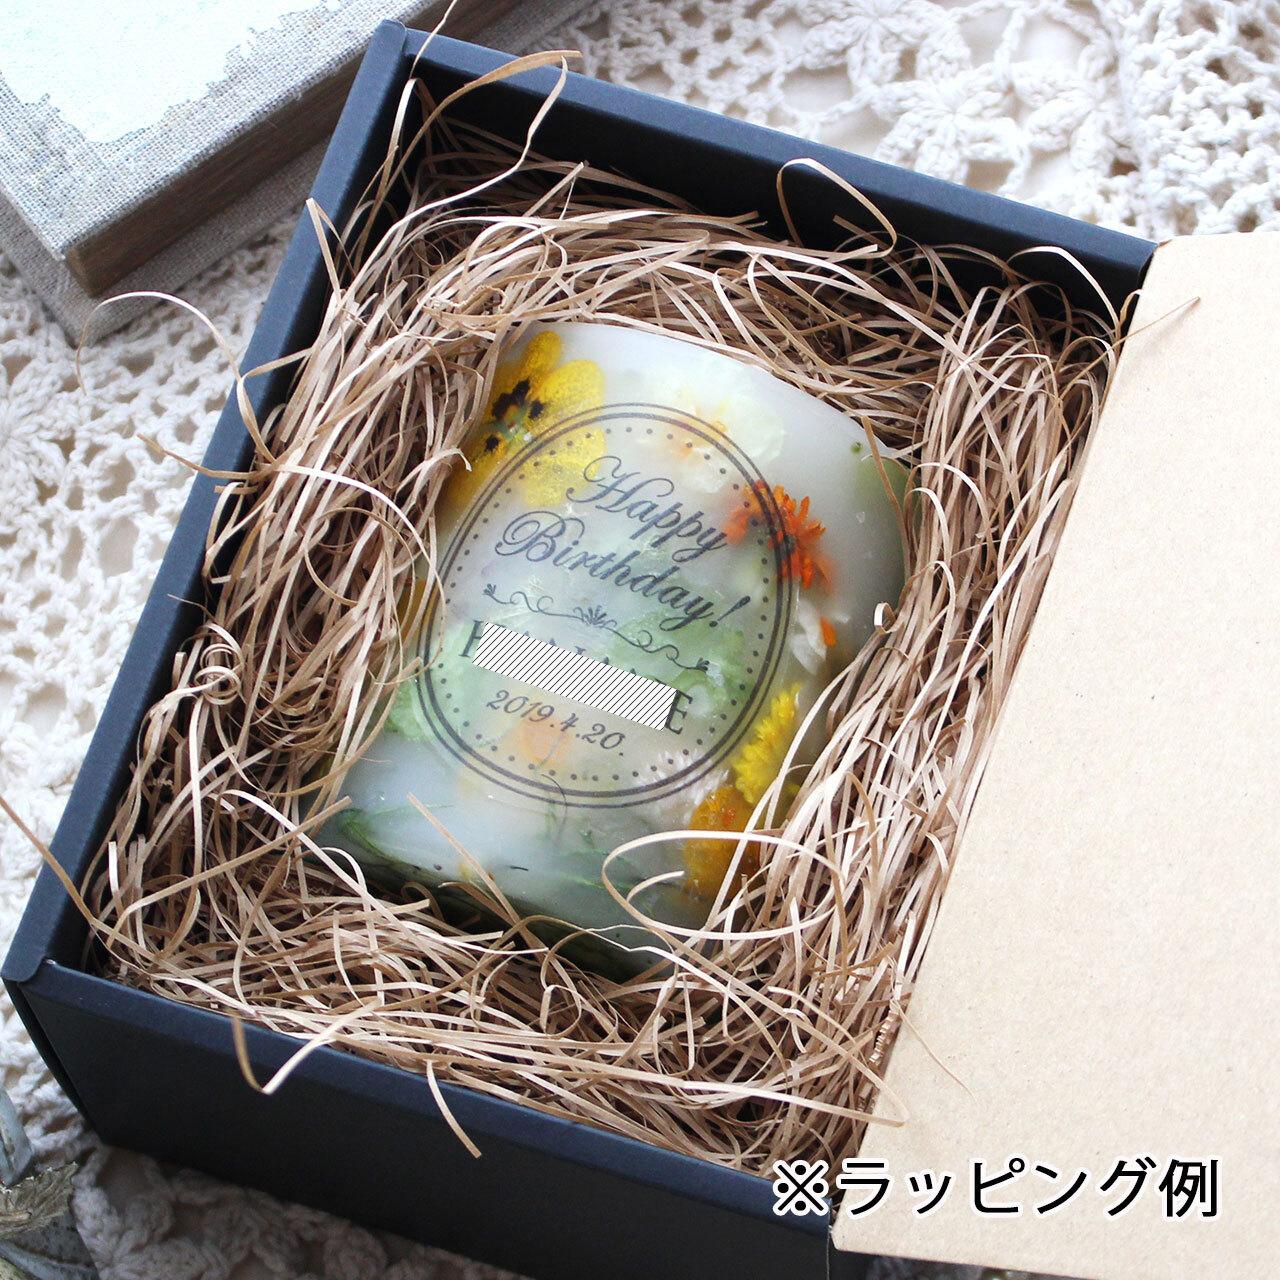 NC281 ギフトラッピング付き☆メッセージ&日付&名入れボタニカルキャンドル ローズ